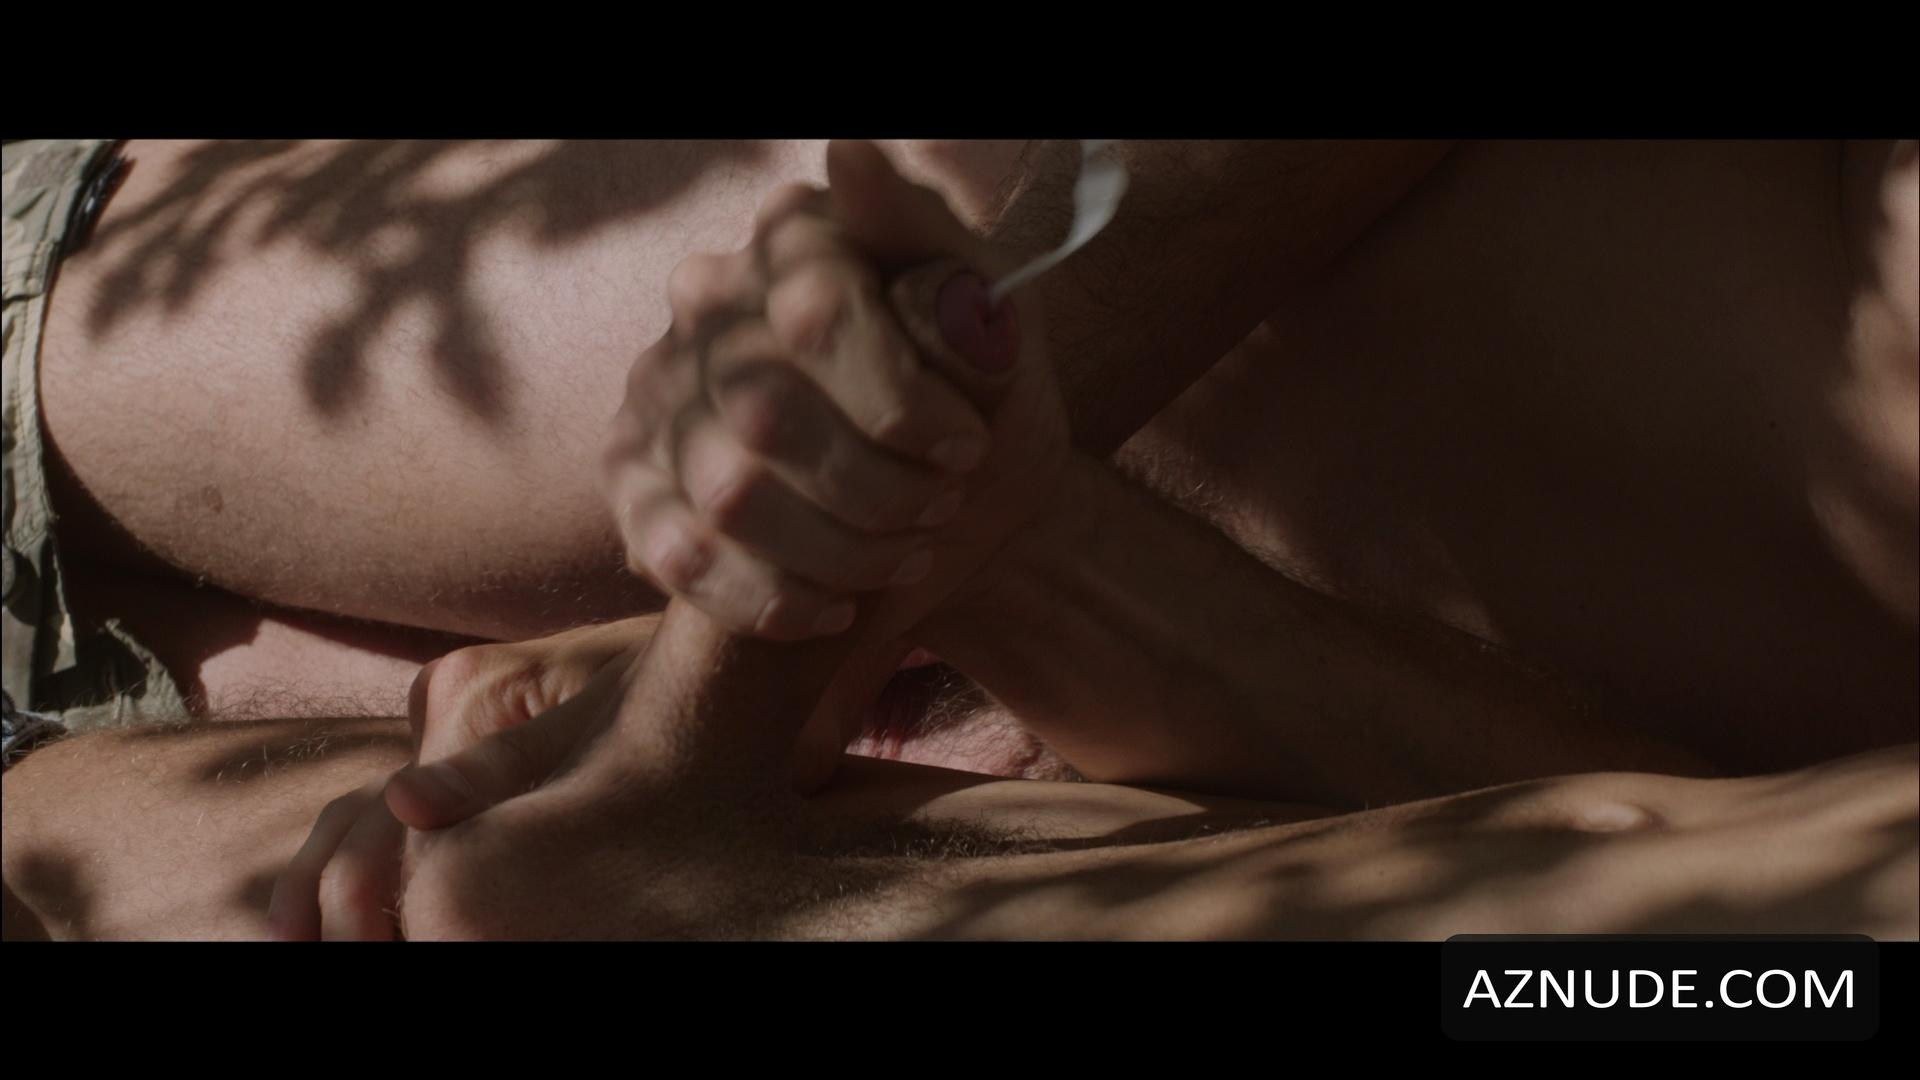 Britne Oldford Nude pierre deladonchamps nude aznude men | free hot nude porn